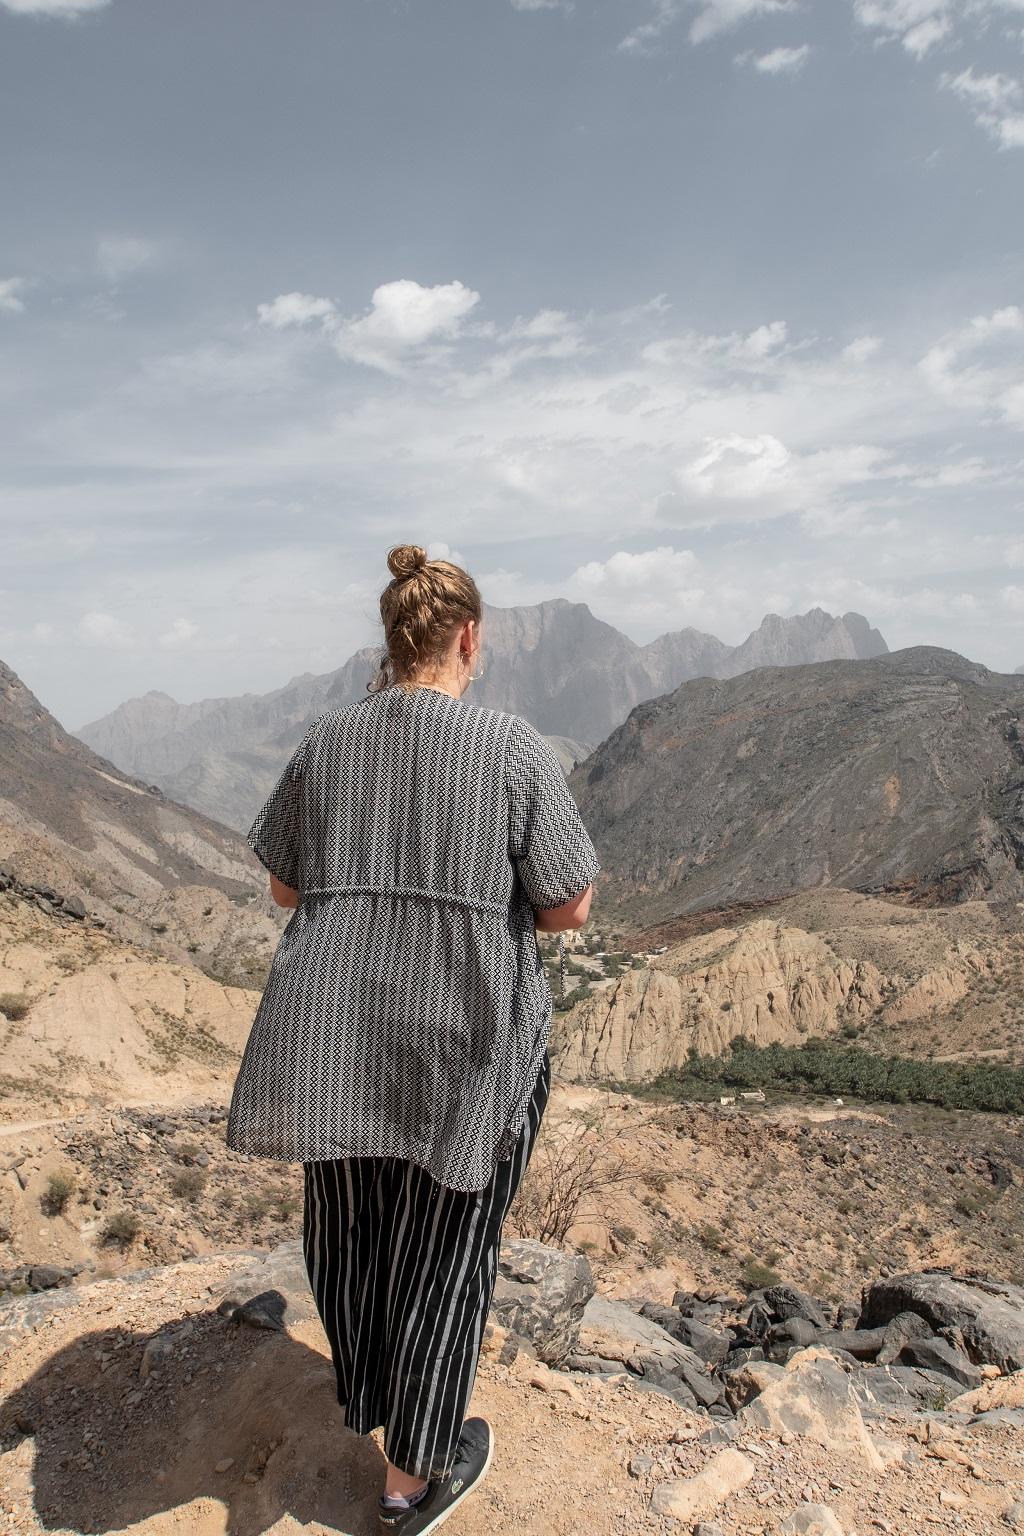 Aufnahme von mir im Oman an der Schlangenschlucht